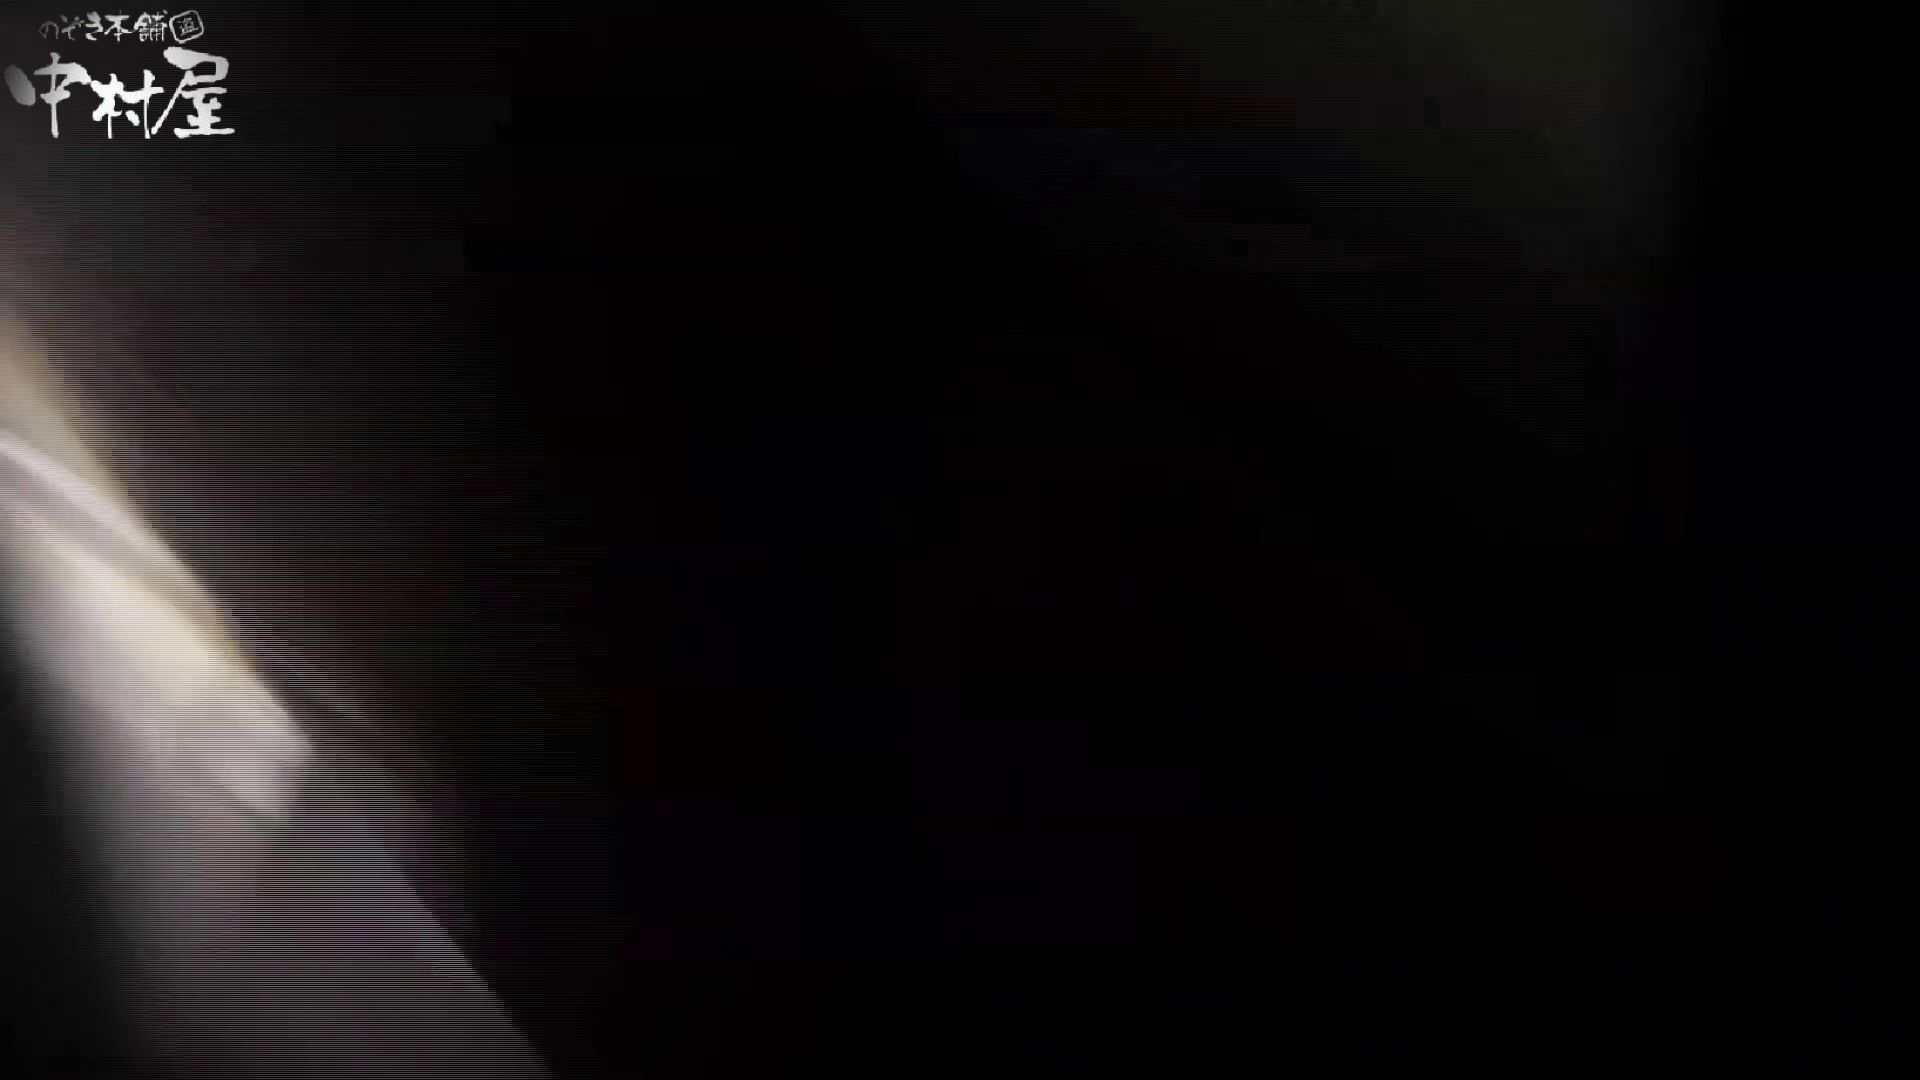 【世界の射窓から~ステーション編~】ステーション編 vol50あの日の子が重なりナプキンがすごいことに ナプキン | OLエロ画像  88PICs 51